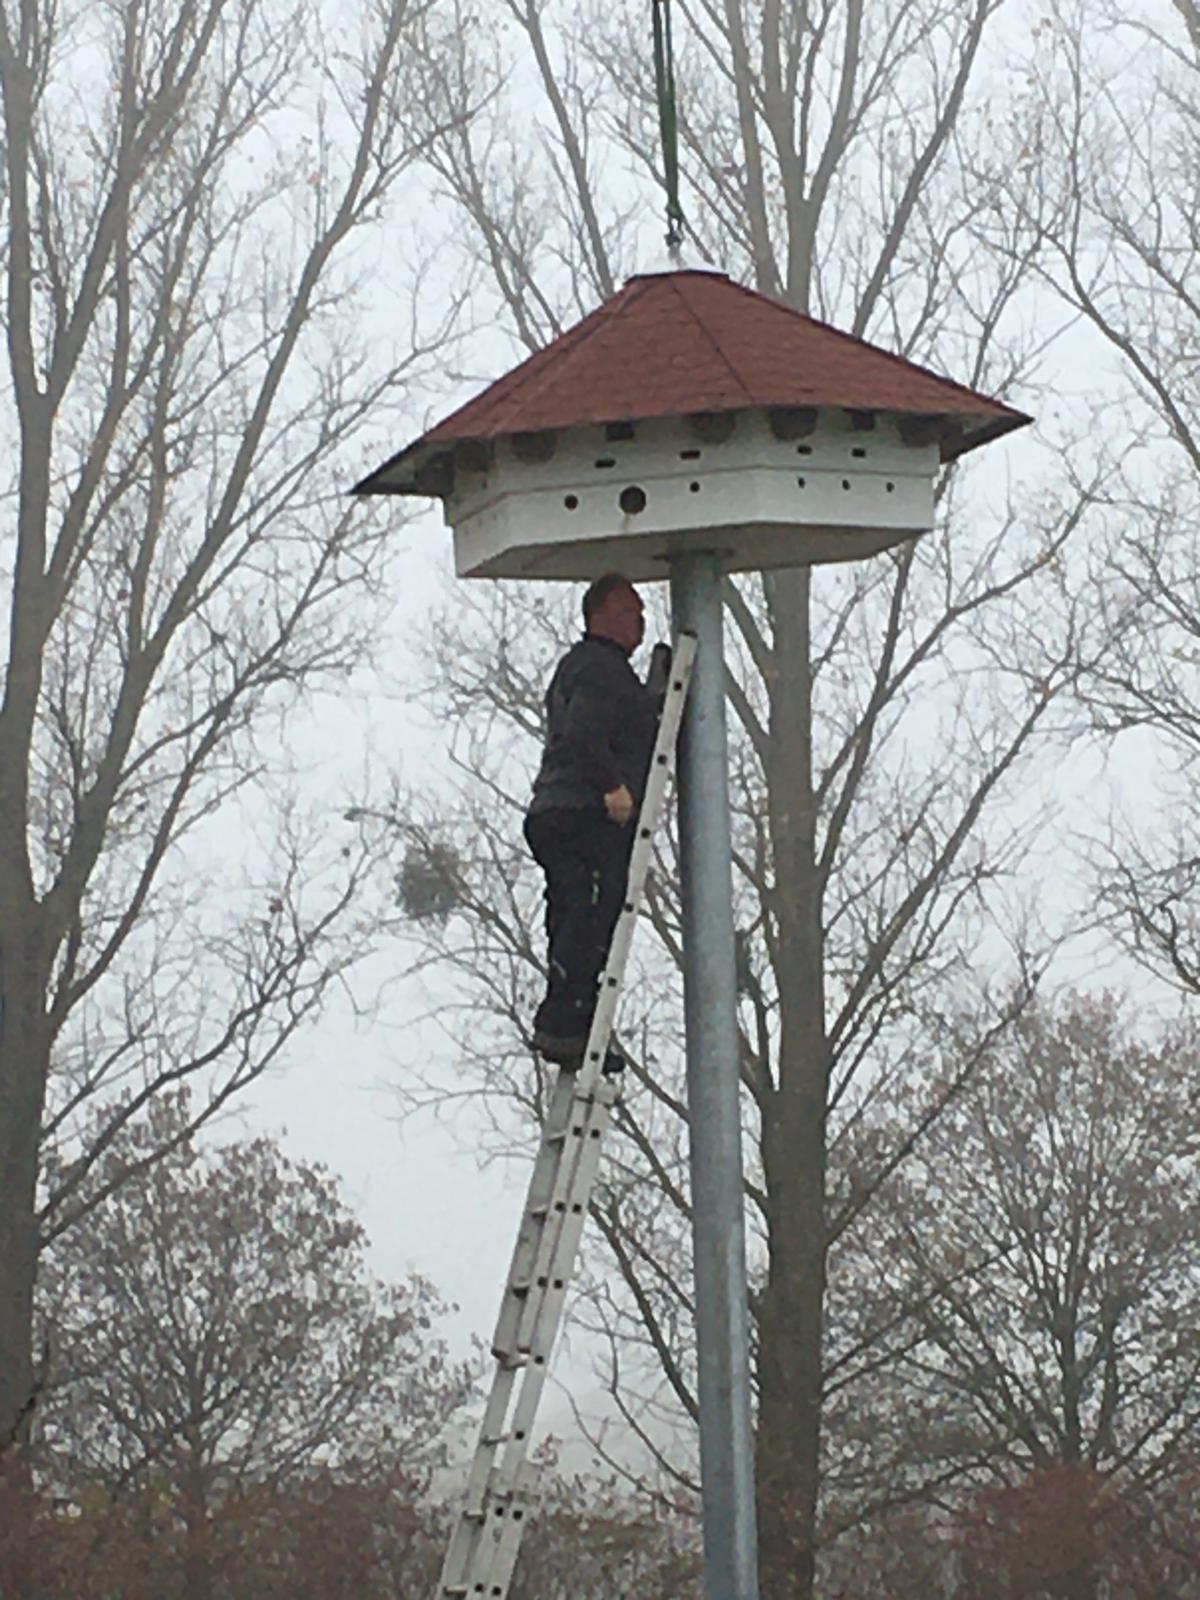 letzte Inspektion und dann können die Vögel und Fledermäuse kommen